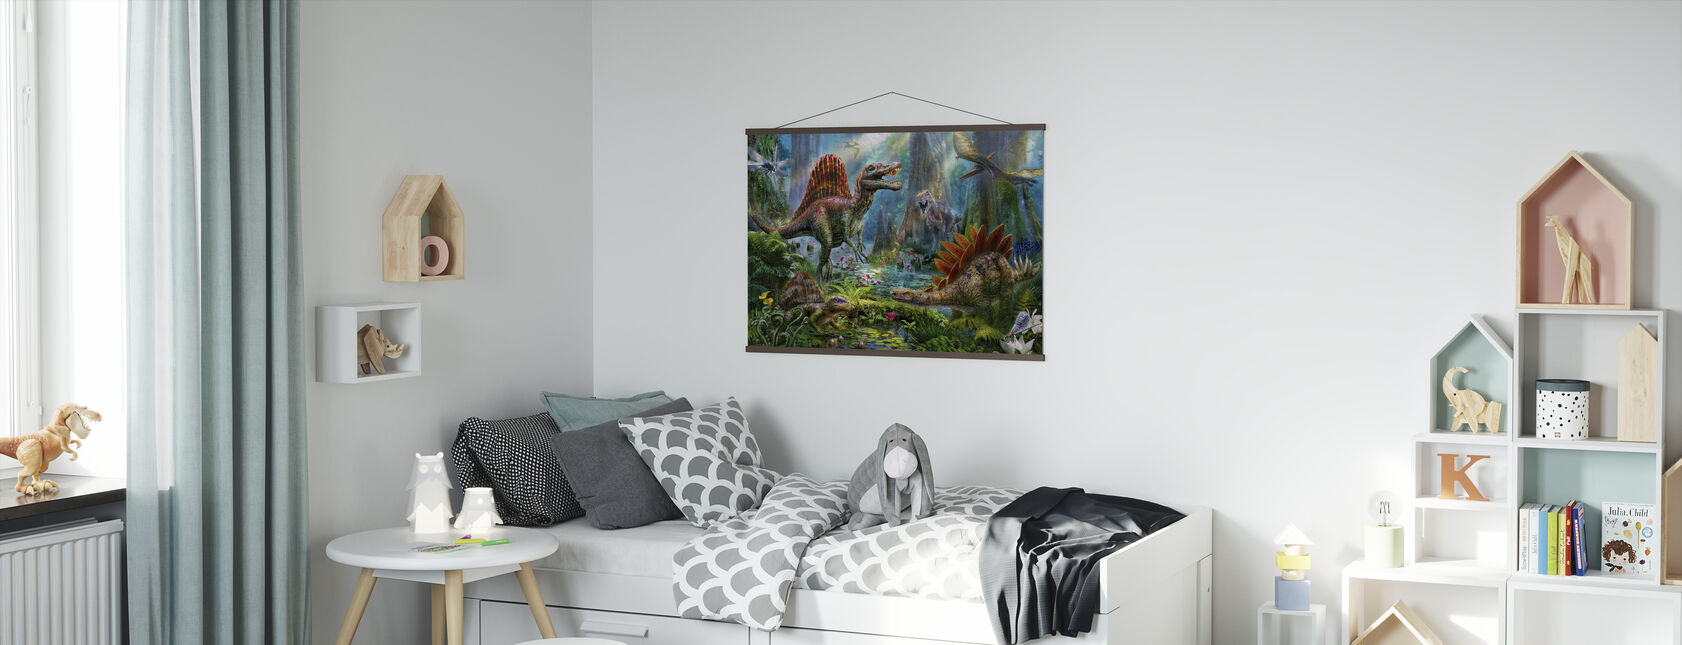 Spinosaur - Poster - Kids Room